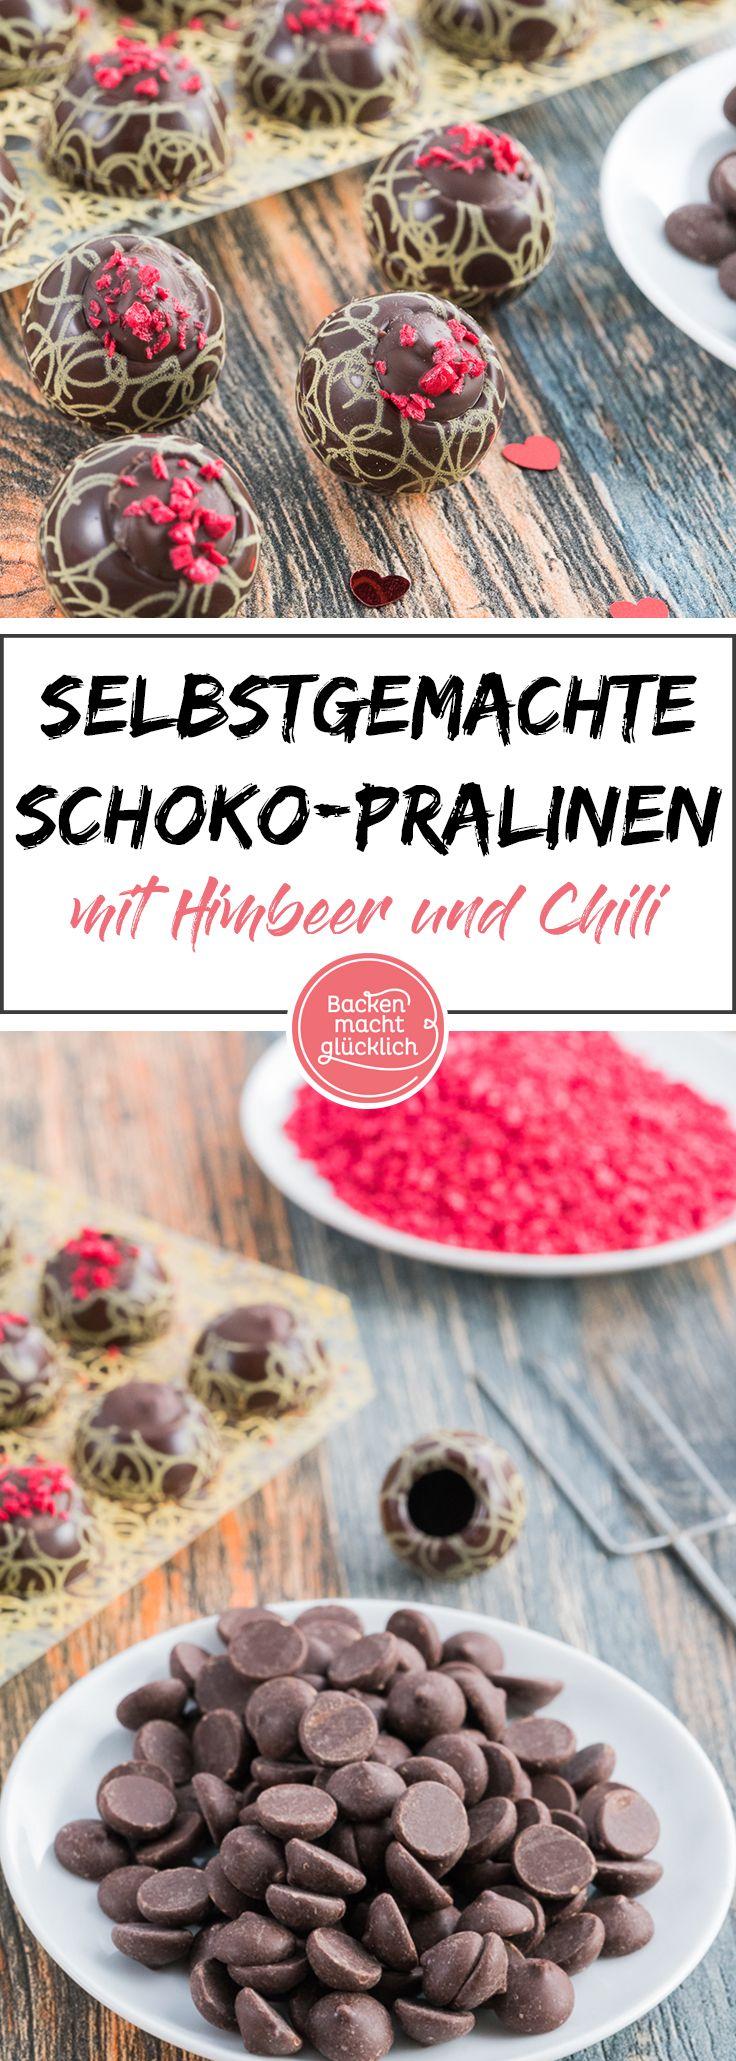 Tolles Rezept für selbst gemachte Pralinen. Die Schoko-Himbeer-Pralinen sind auch für Anfänger gut geeignet.